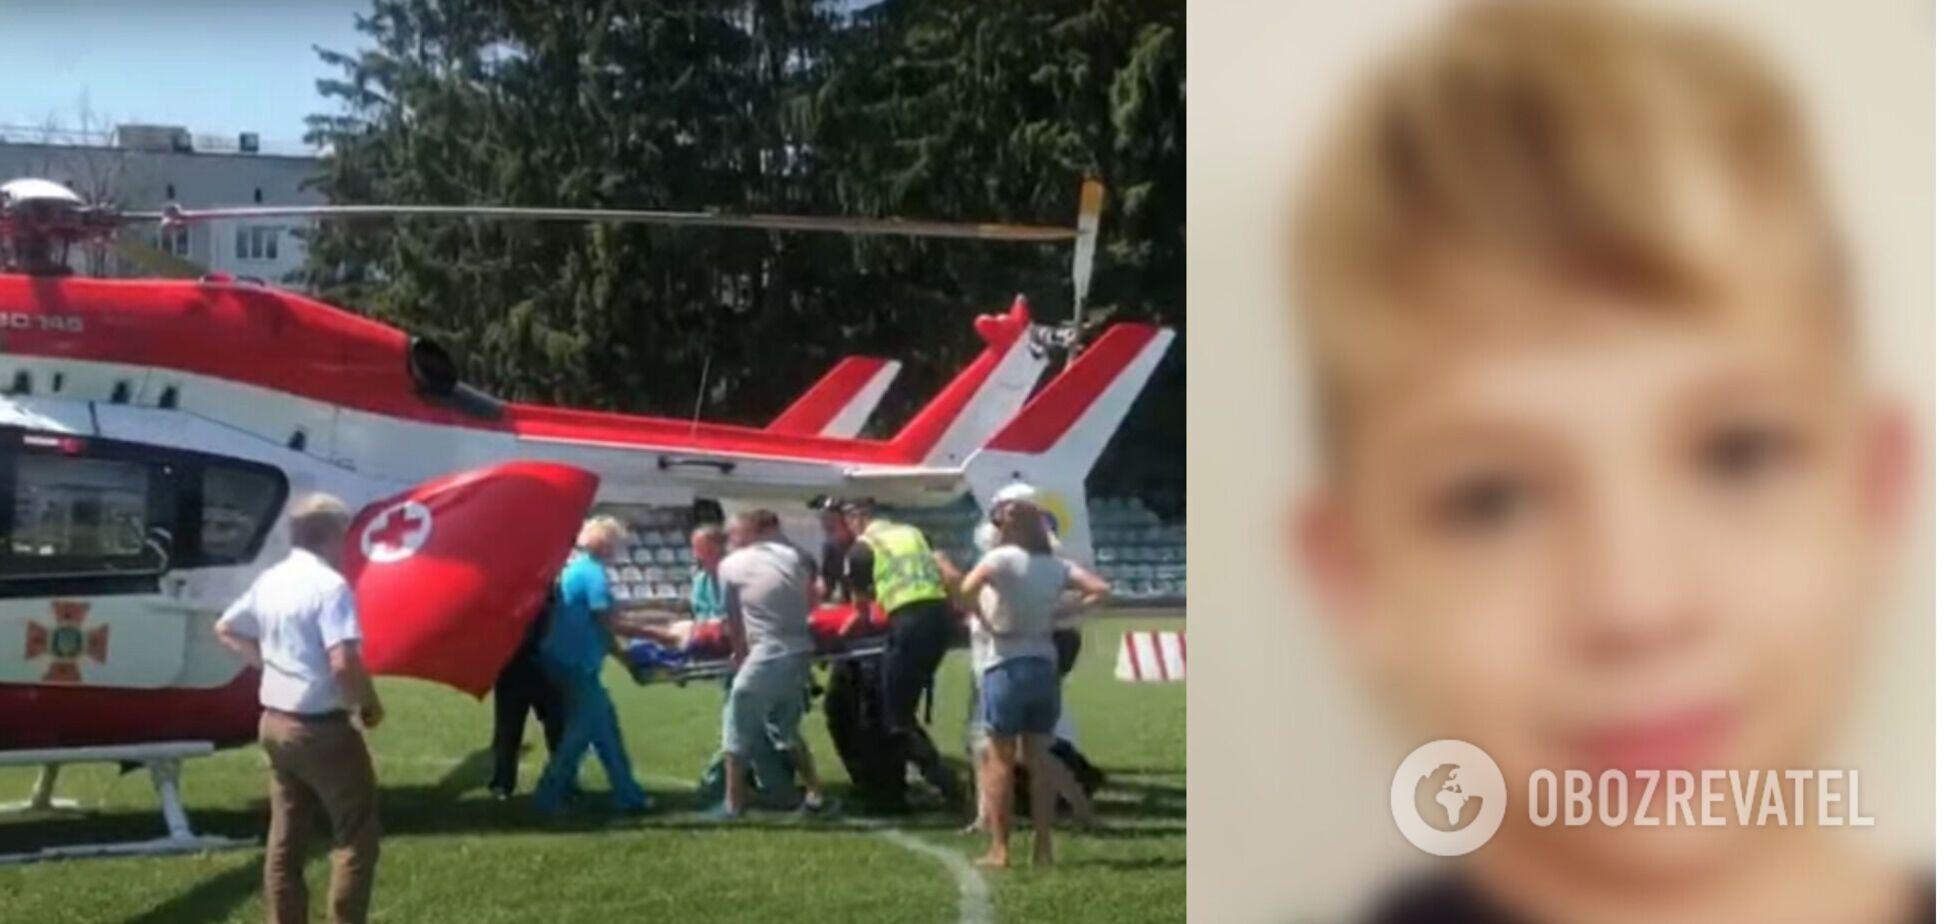 Пораненого на Житомирщині 9-річного хлопчика гелікоптером доправили в Київ, а причетність військового підтвердили